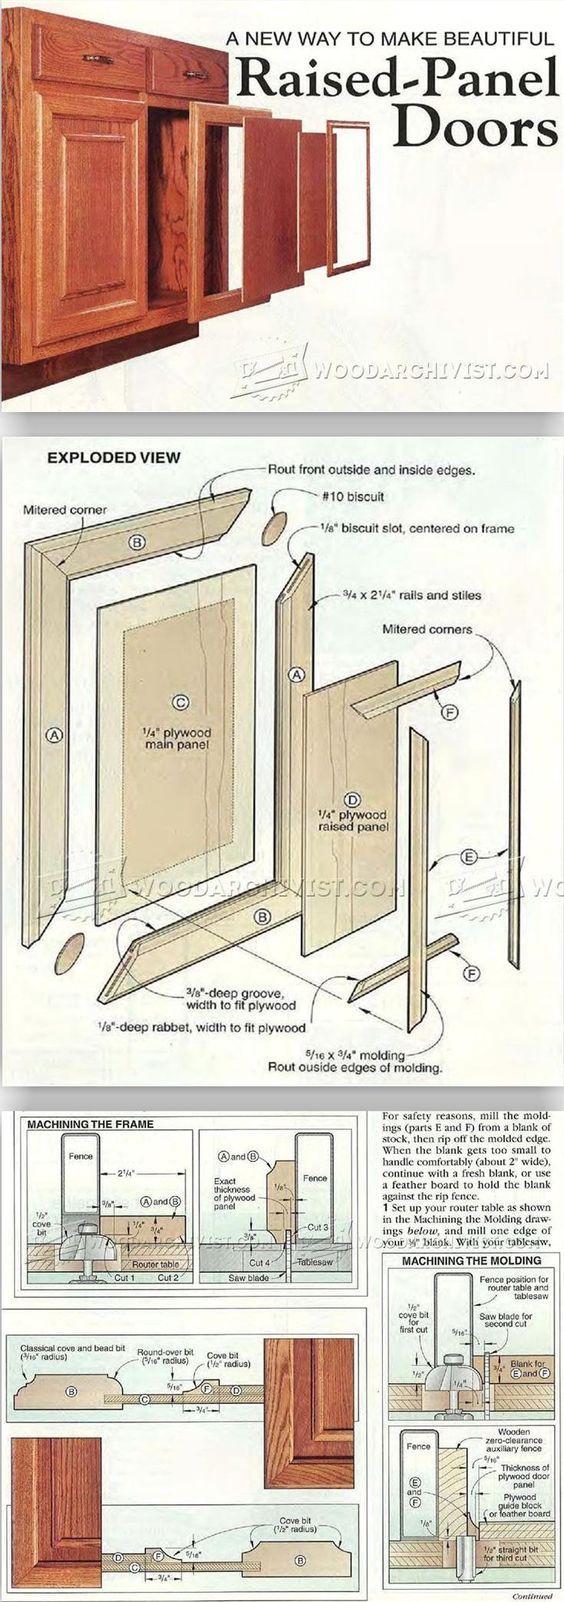 Making Raised Panel Doors - Cabinet Door Construction and Techniques | WoodArchivist.com